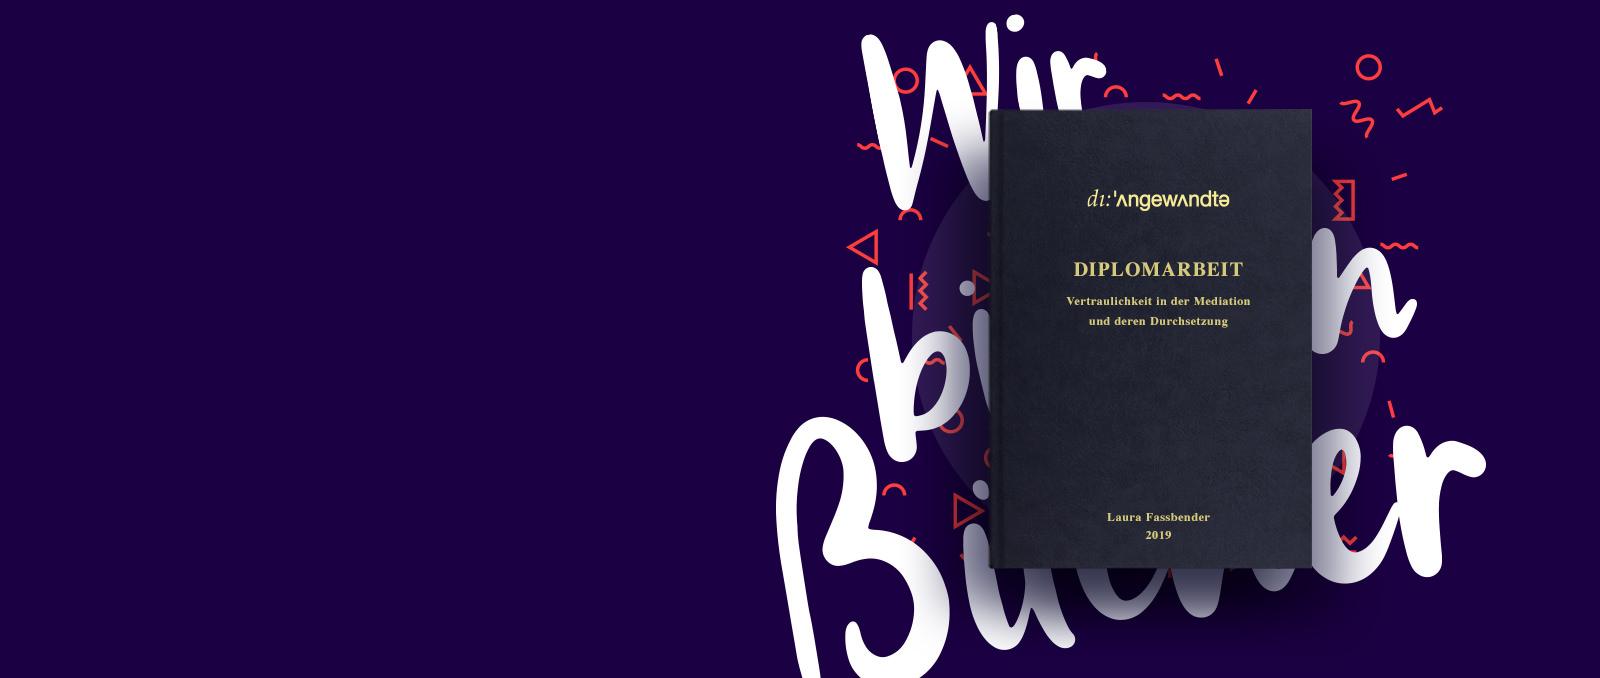 Diplomarbeit drucken & binden Angewandte Kunst Uni Wien